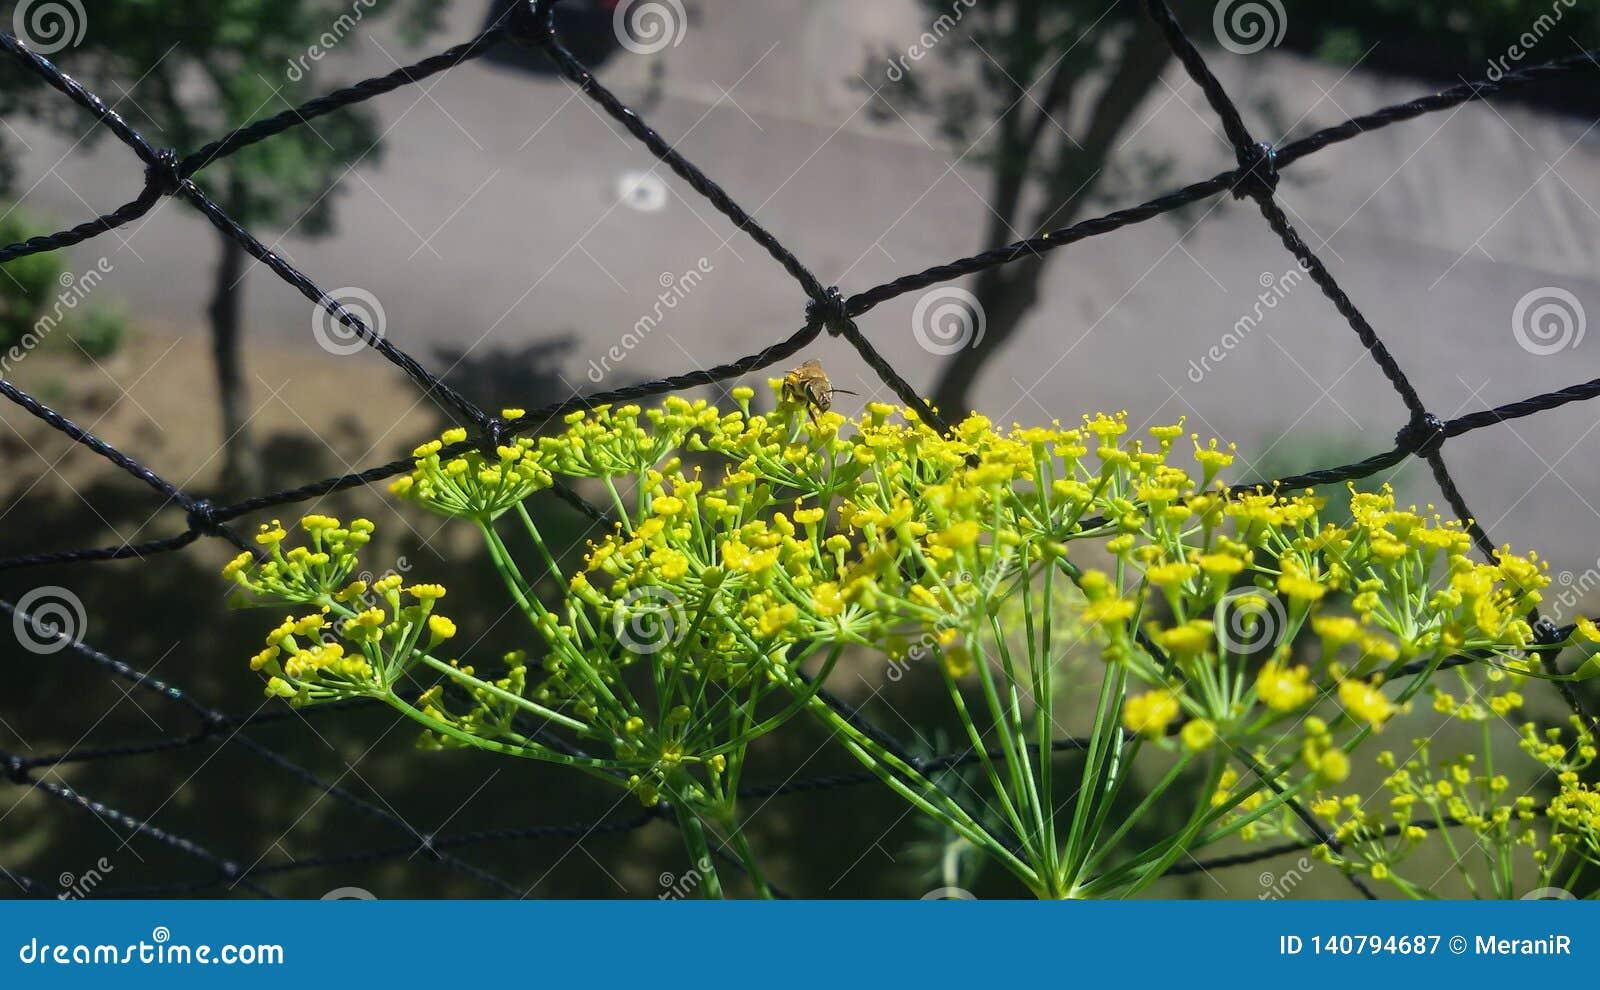 2 Дикая пчела от фронта, получает нектар, на цветке укропа